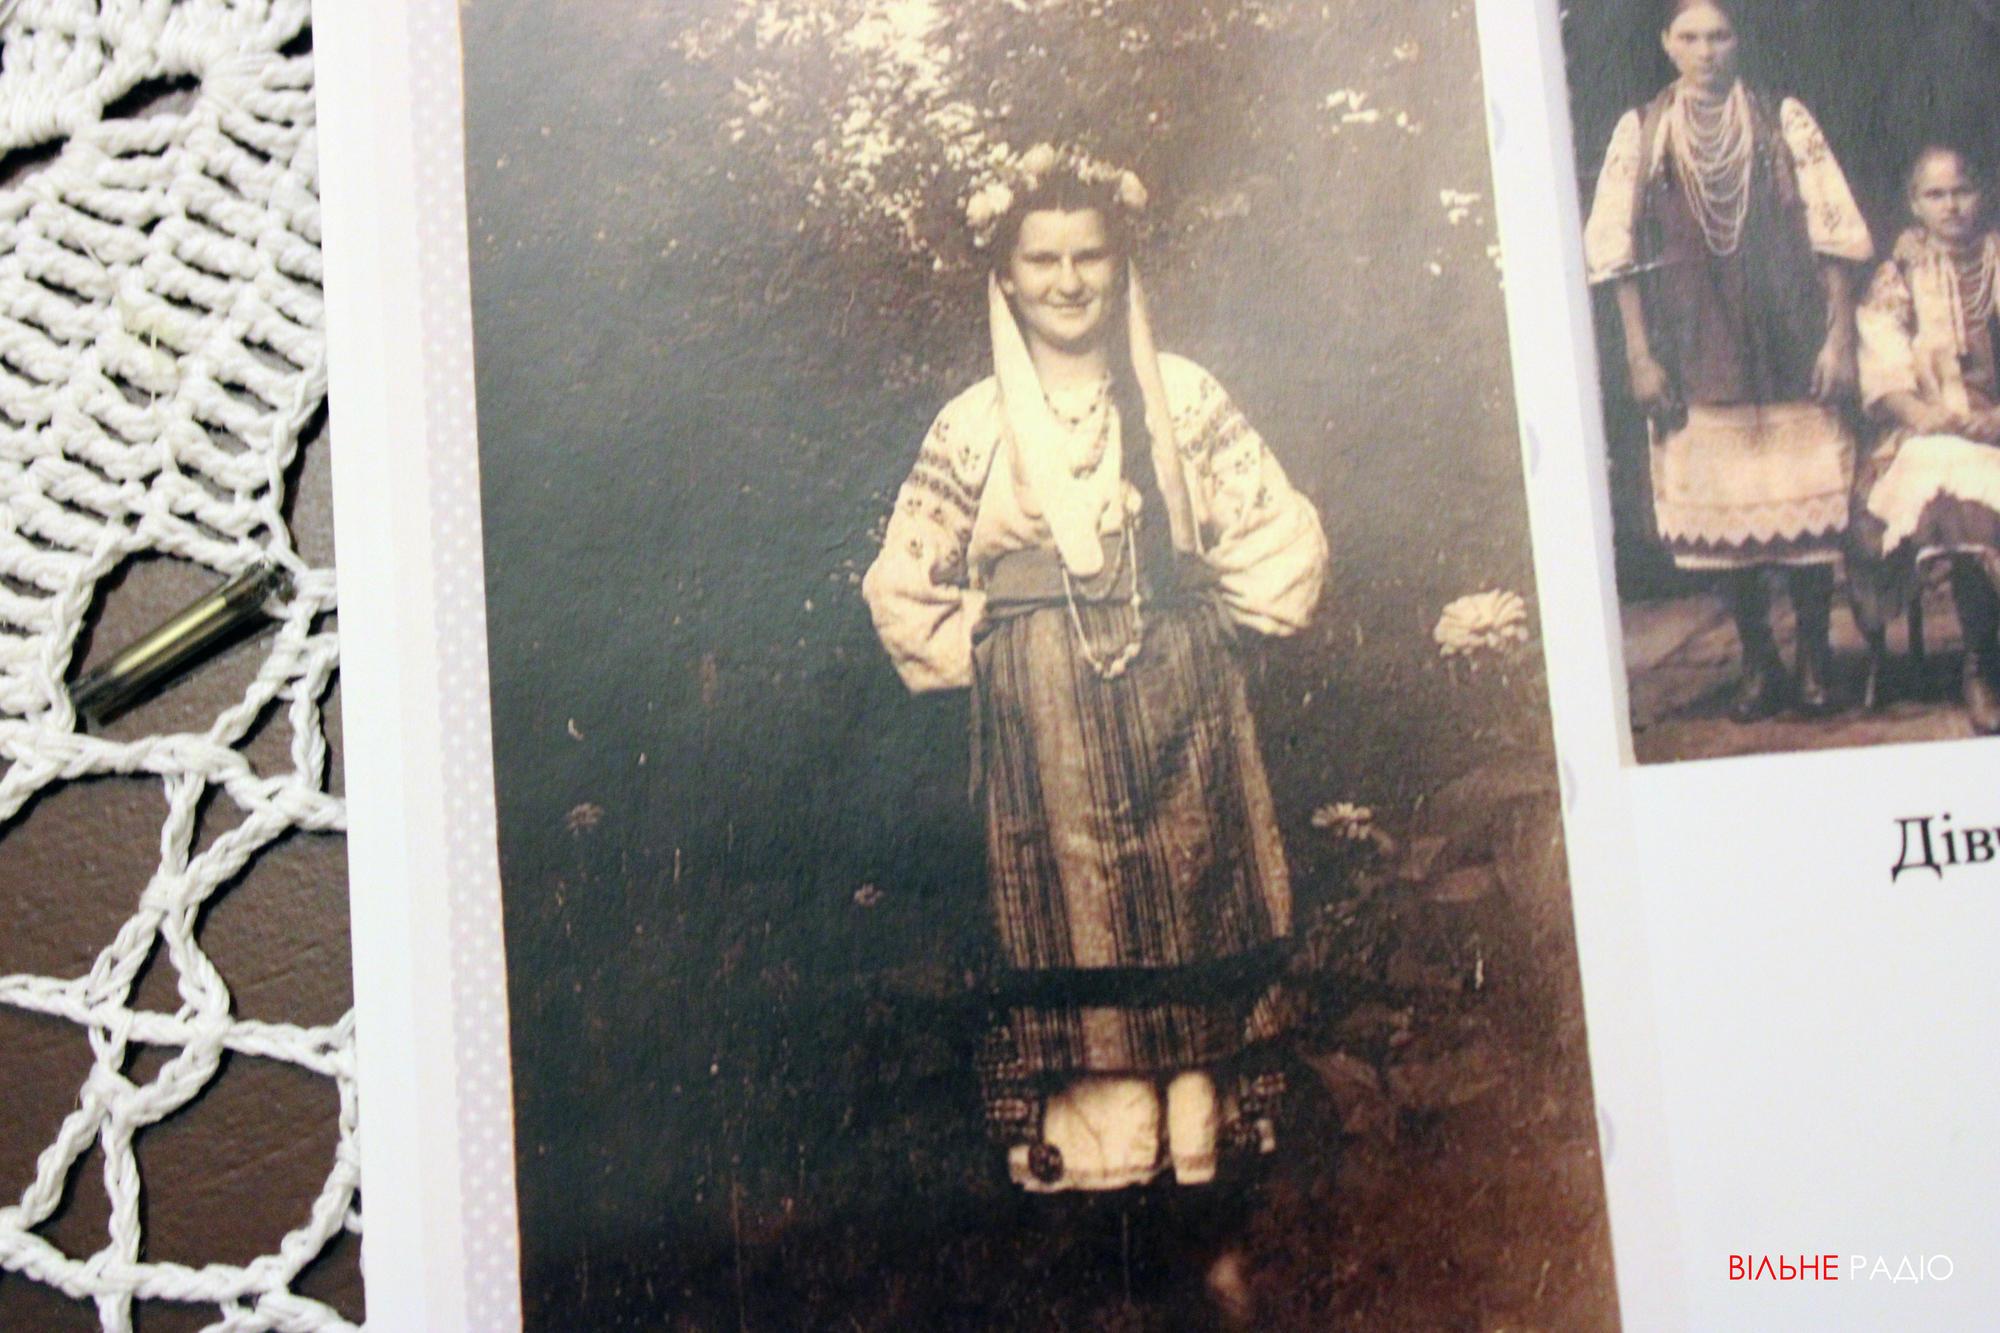 Дівчина з Часів Яра на Донеччині, вбрана у народний одяг